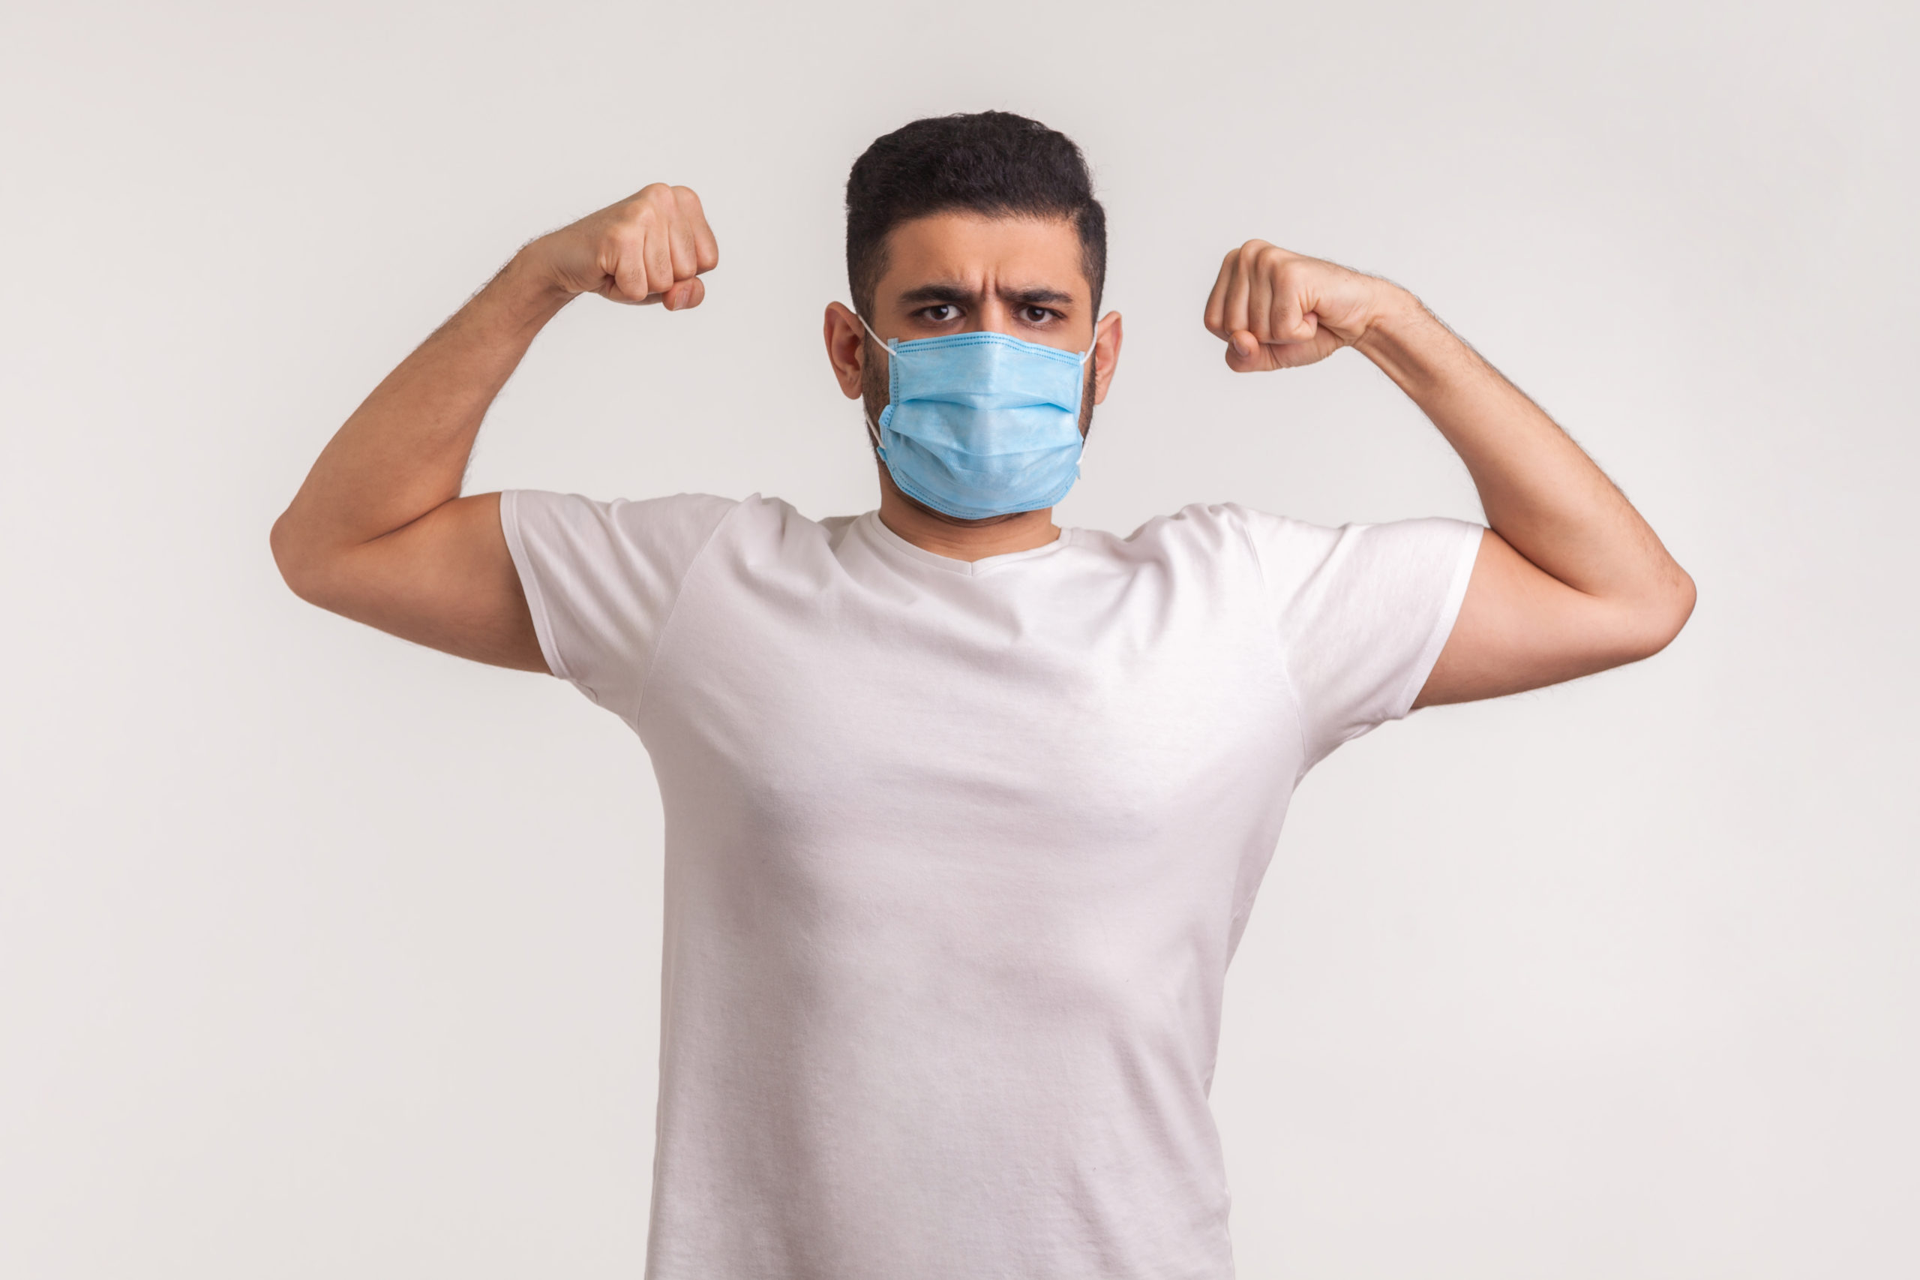 Comment renforcer son immunité?